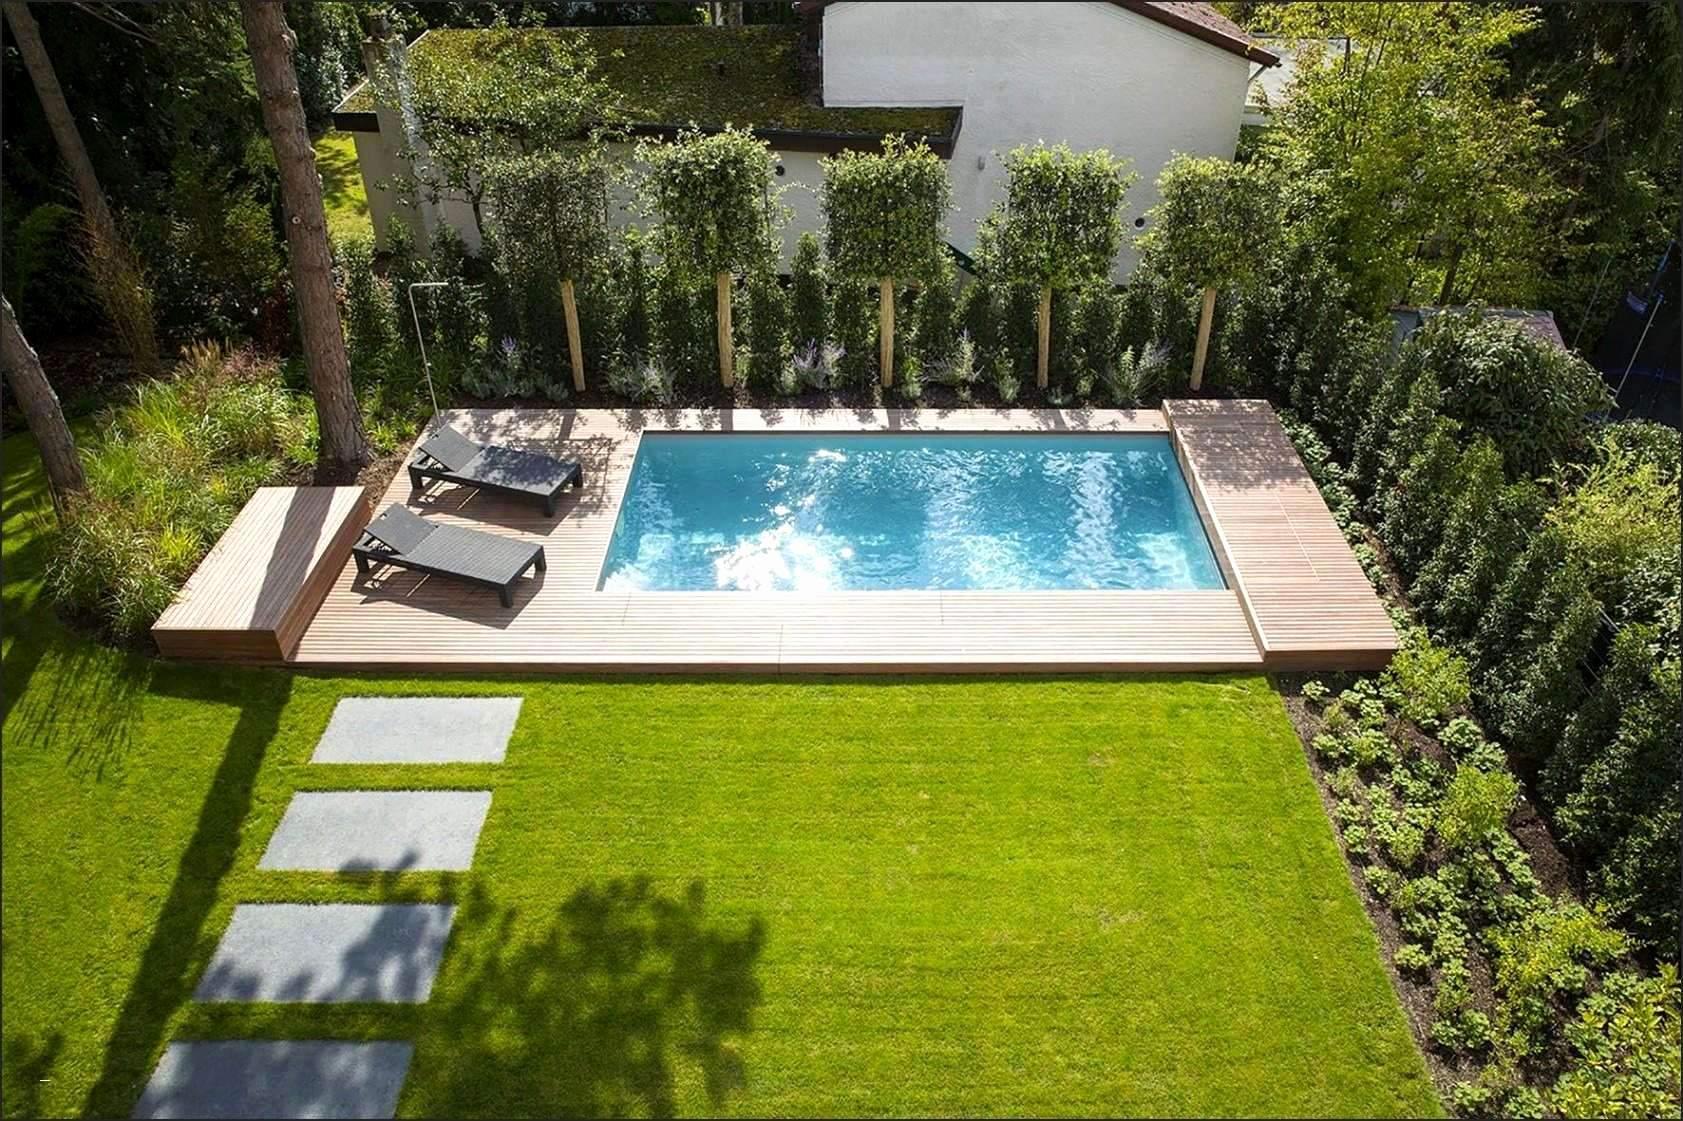 container water garden picture of schwimmbecken garten inspirierend pool an terrasse schon pool mit of container water garden